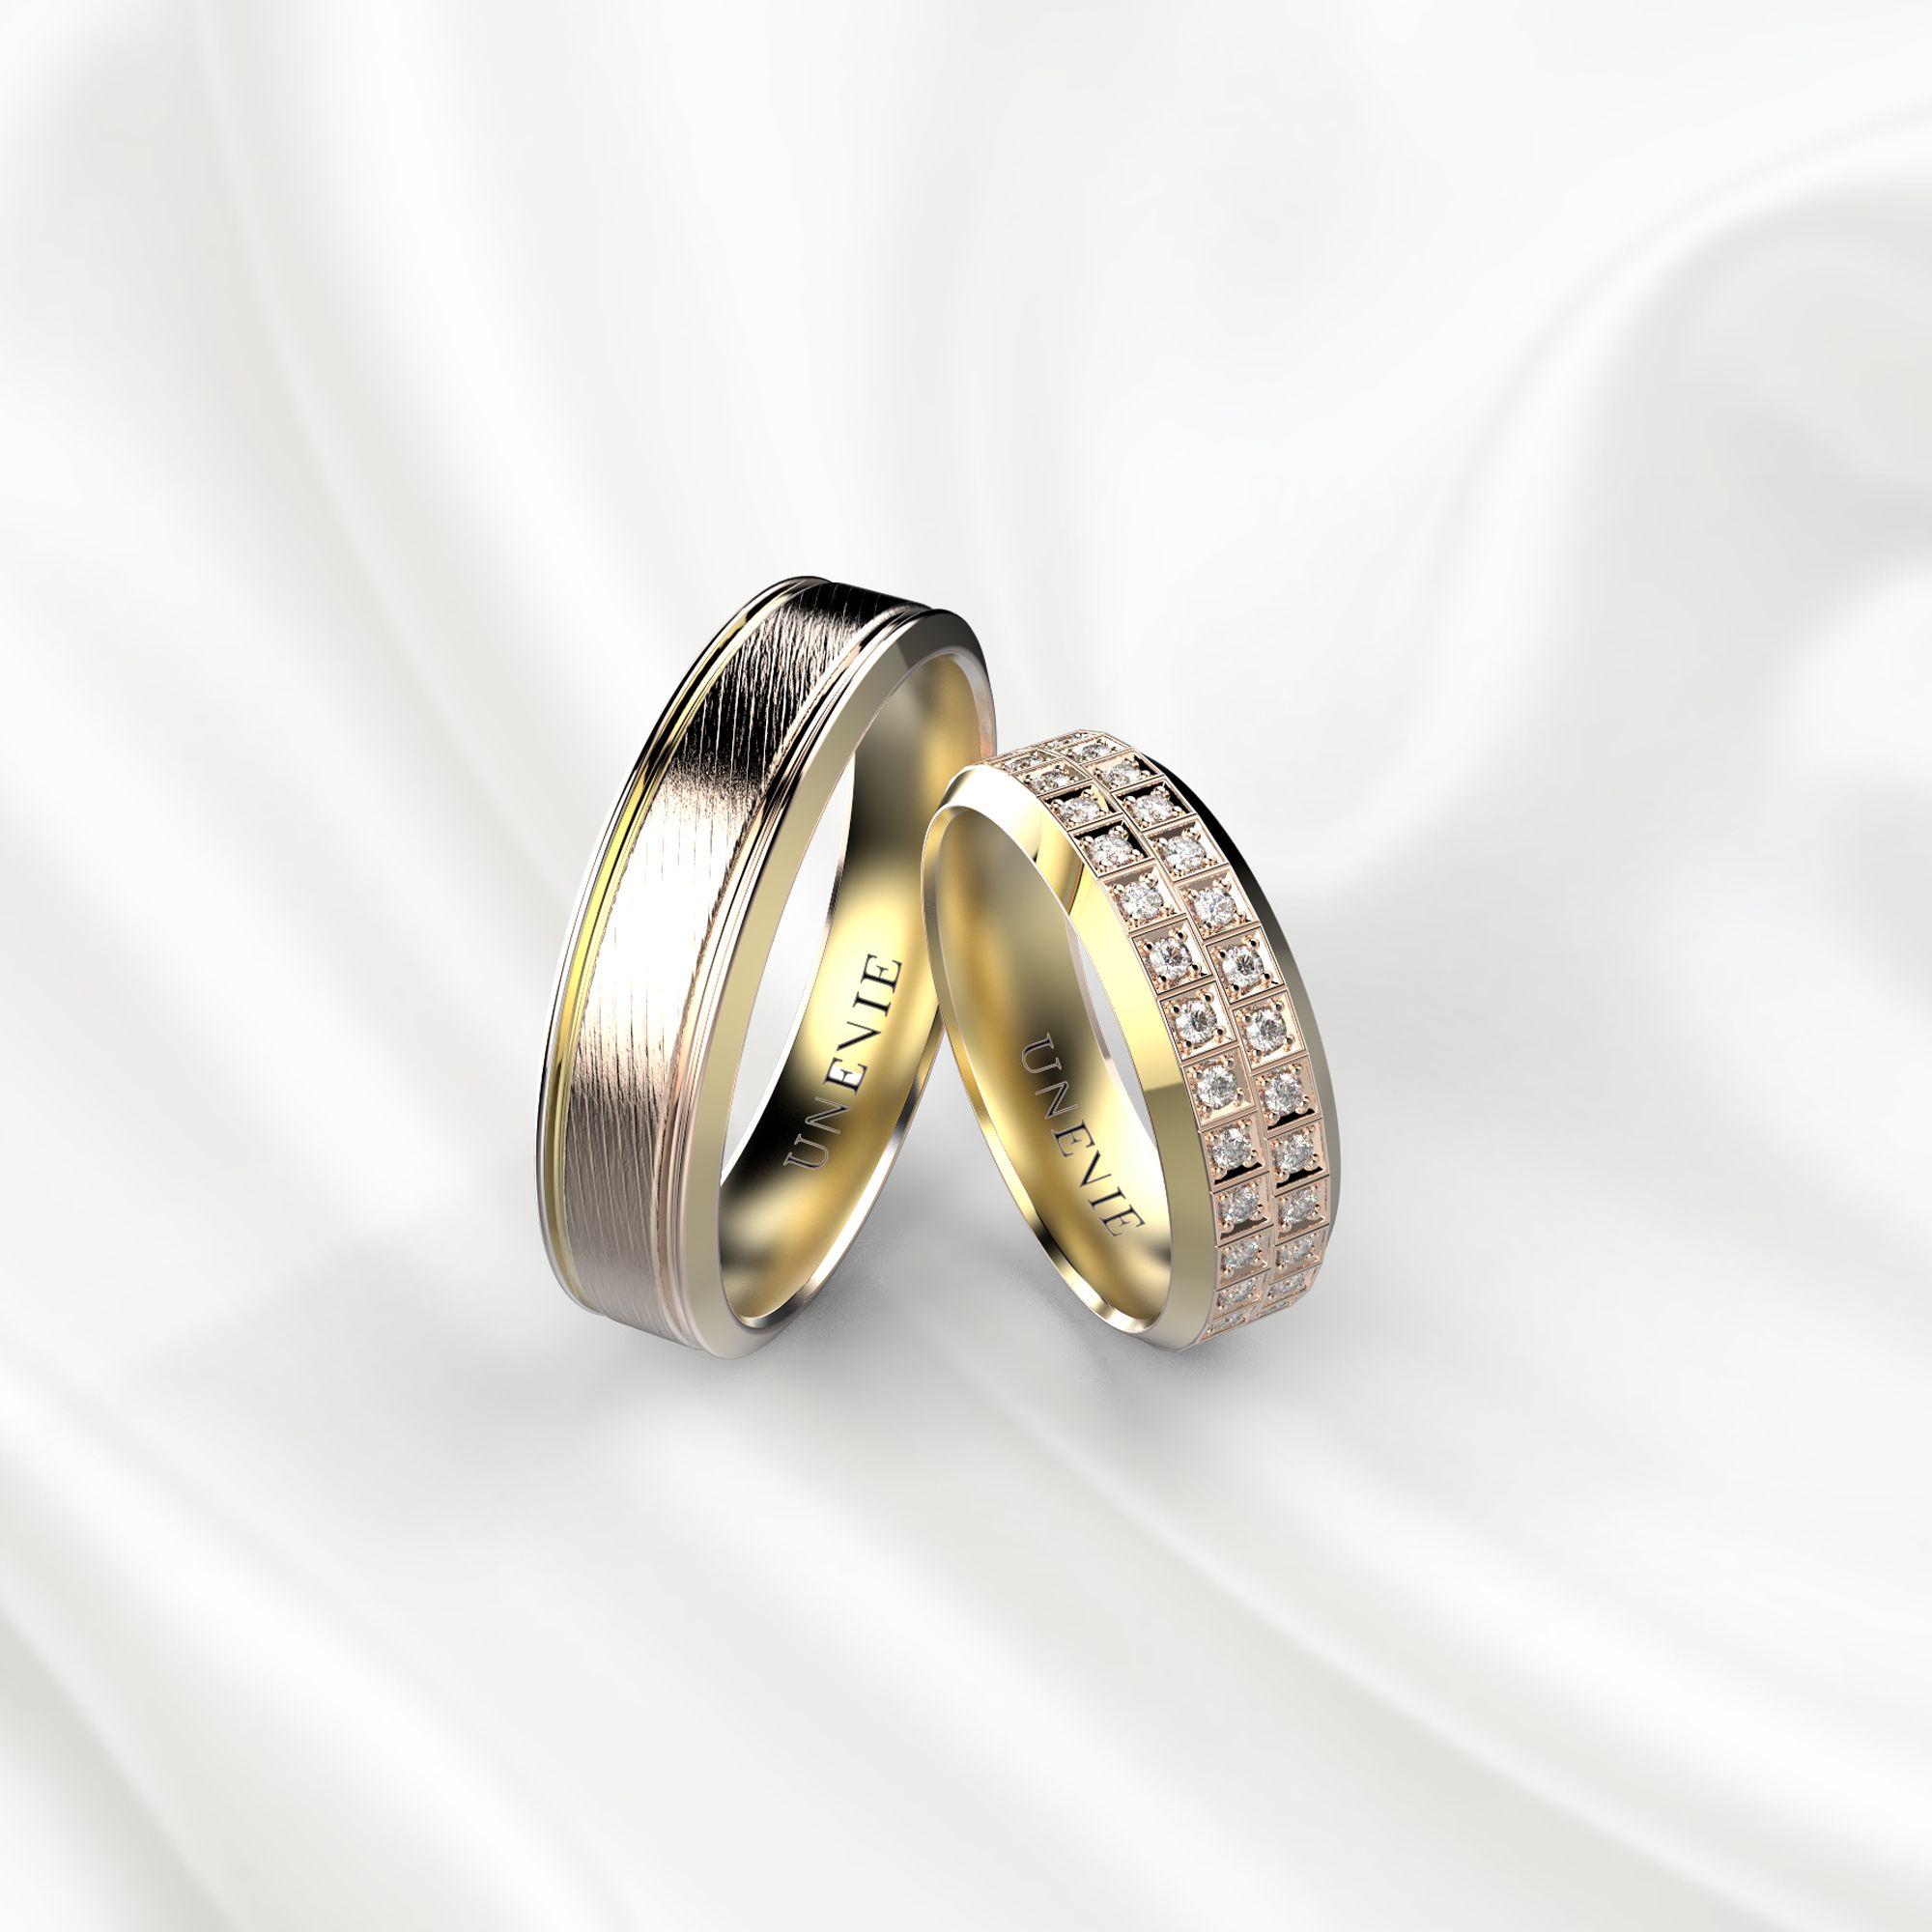 NV21 Обручальные кольца из желто-розового золота